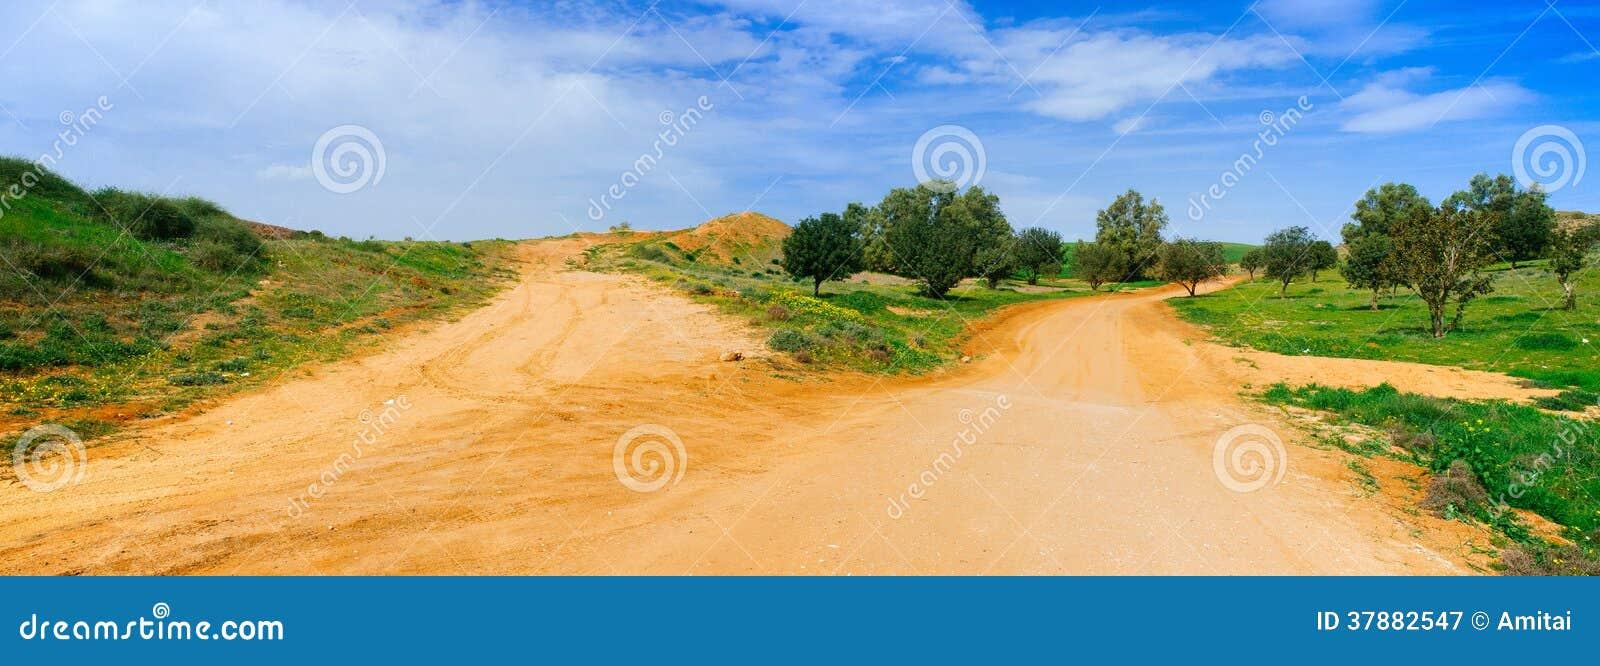 Holylandreeks - het Panorama van de Woestijnweg